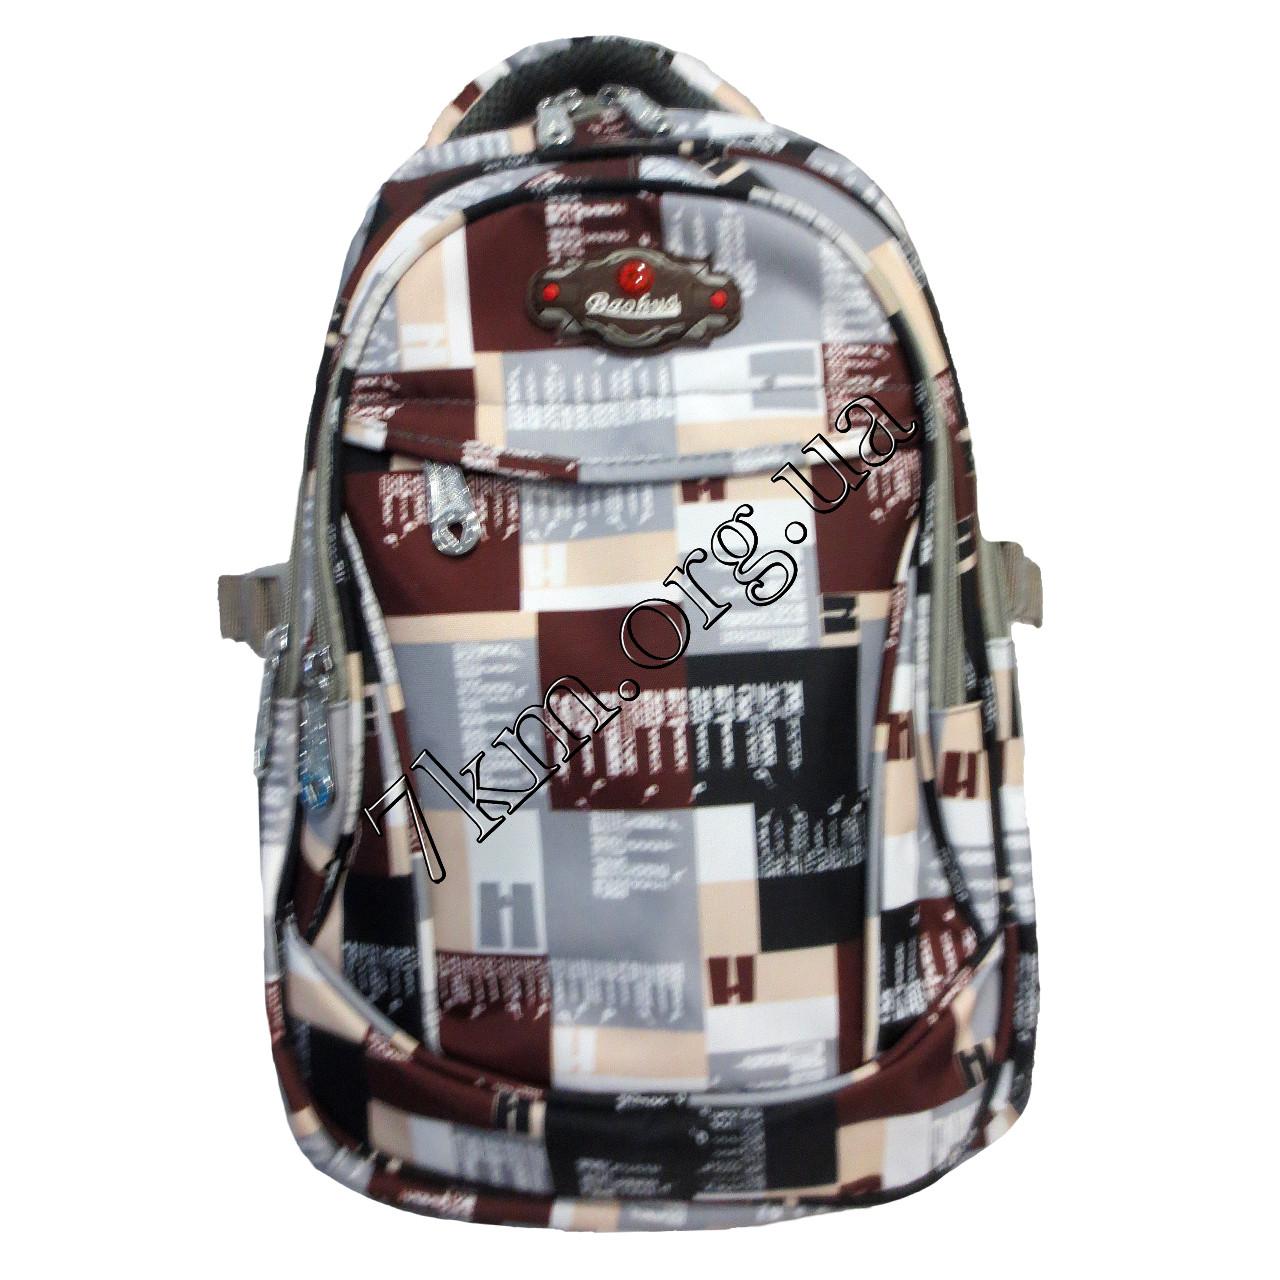 cec5479d6ae3 Школьный рюкзак для мальчиков 40*30 Baohua CR BH 4139A - Детская одежда  оптом 7км